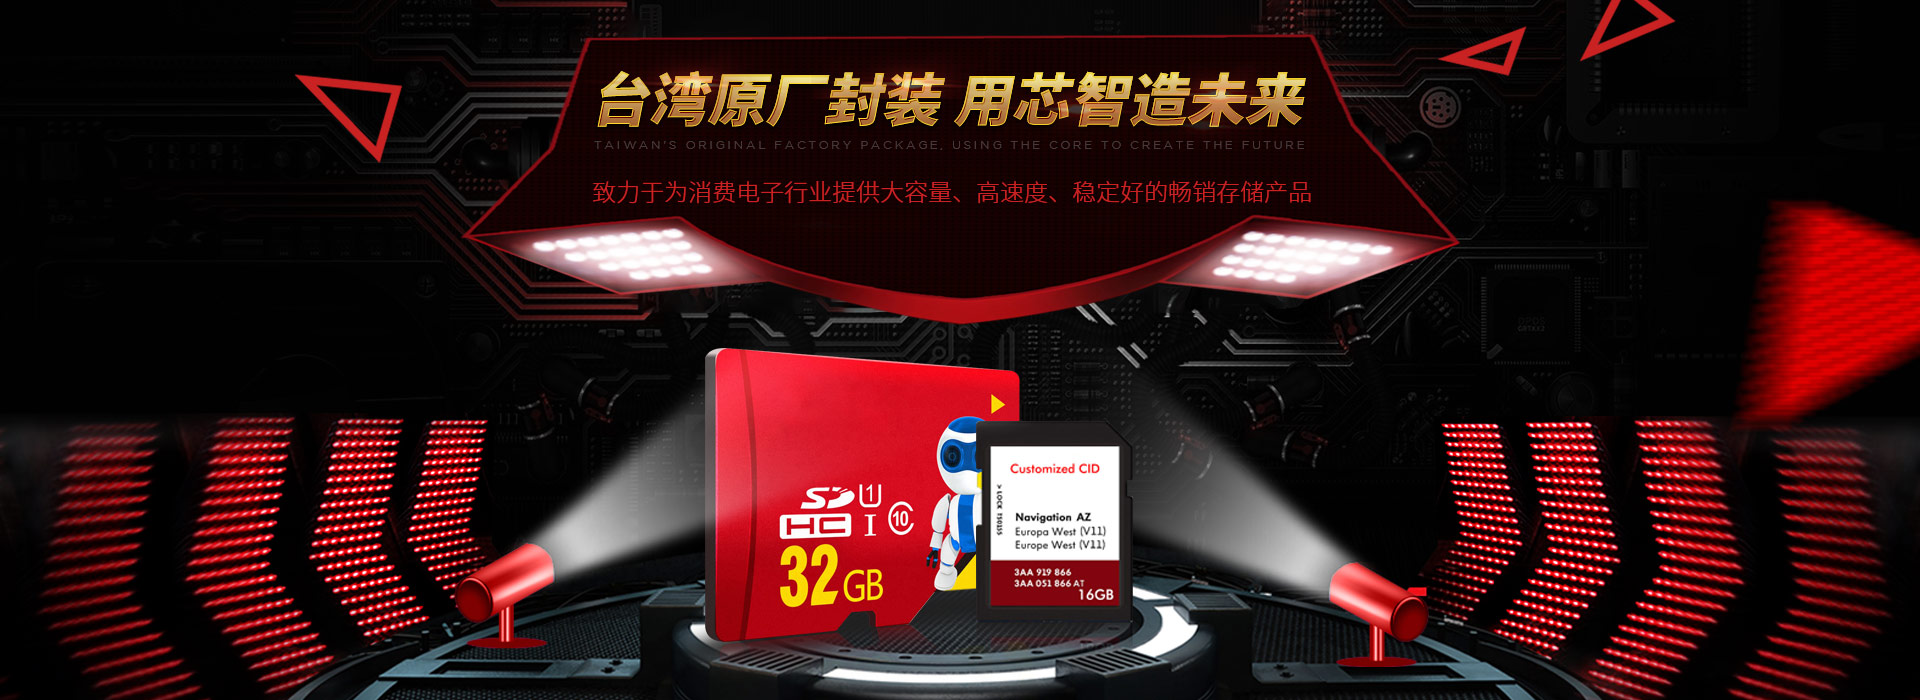 万舜达存储产品使用台湾原厂封装,用芯智造未来